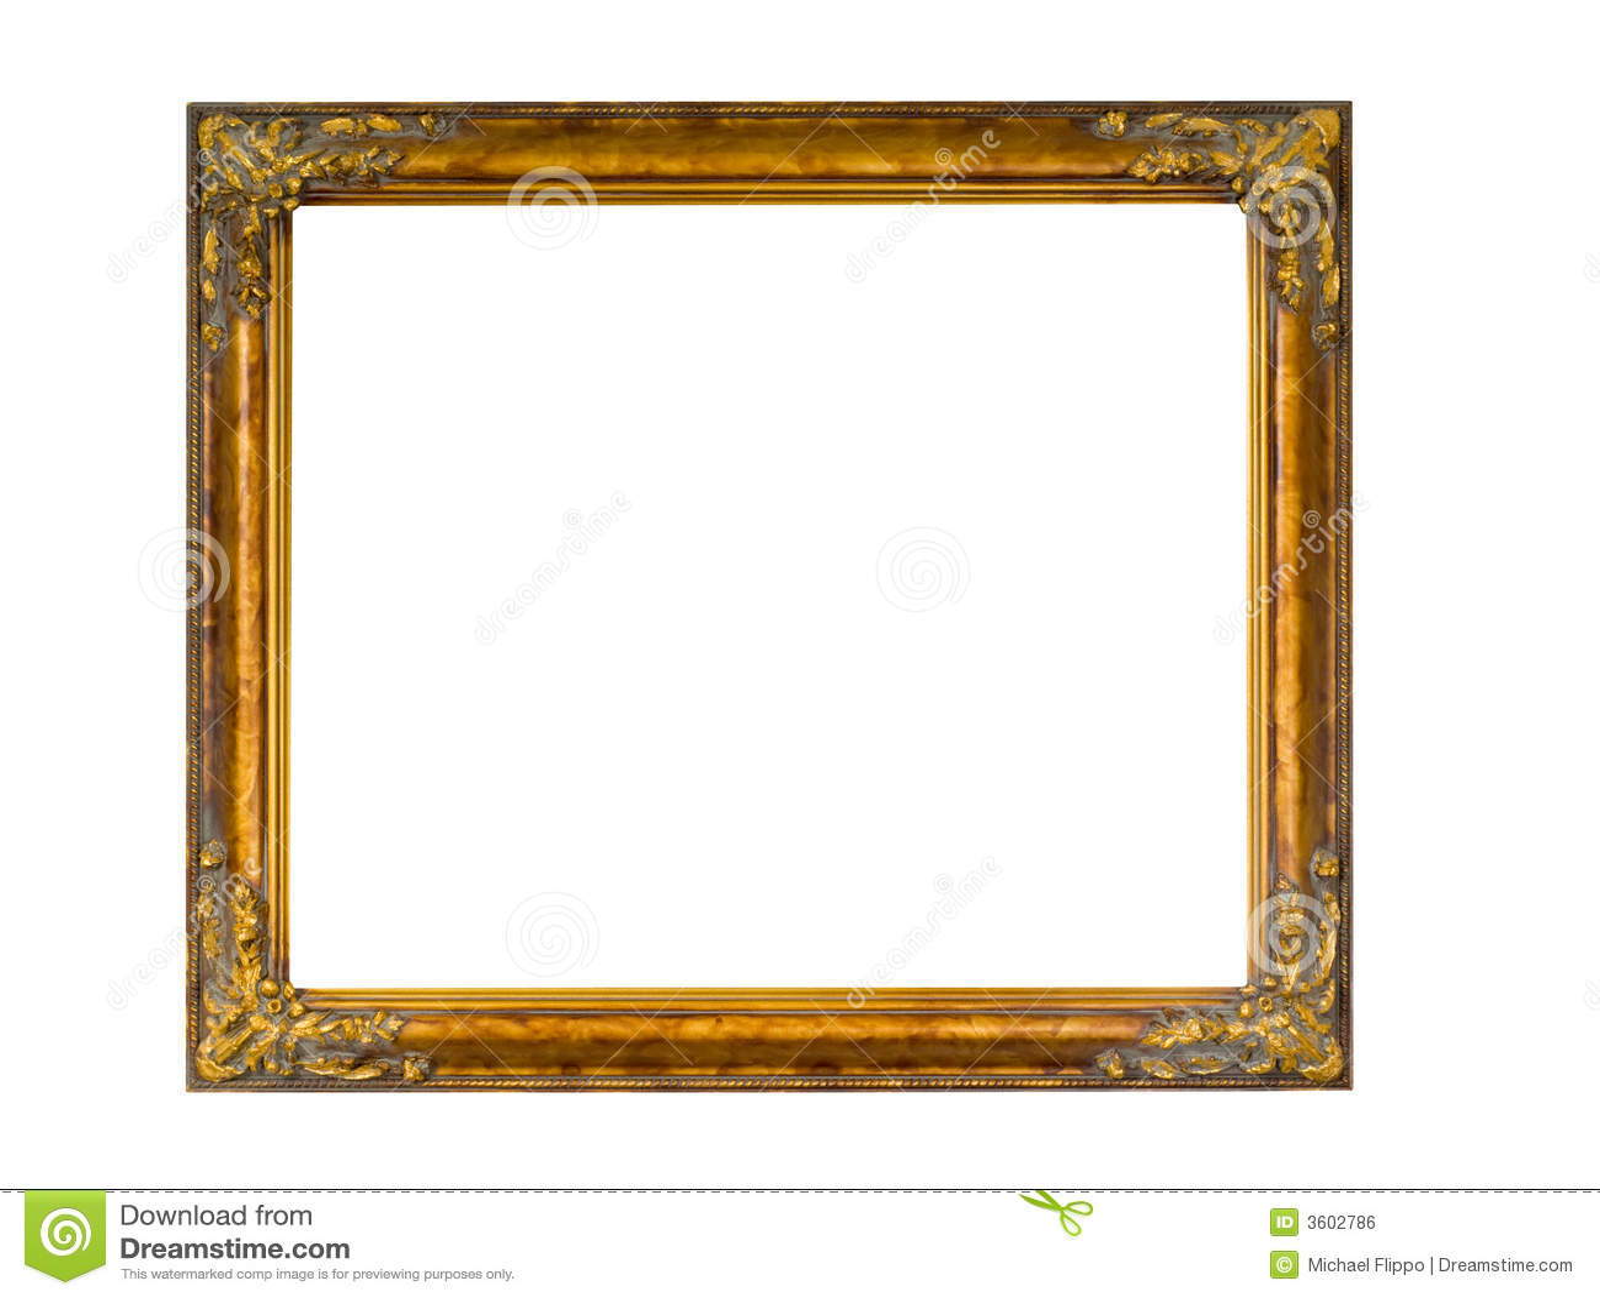 изображение рамки богато украшенный